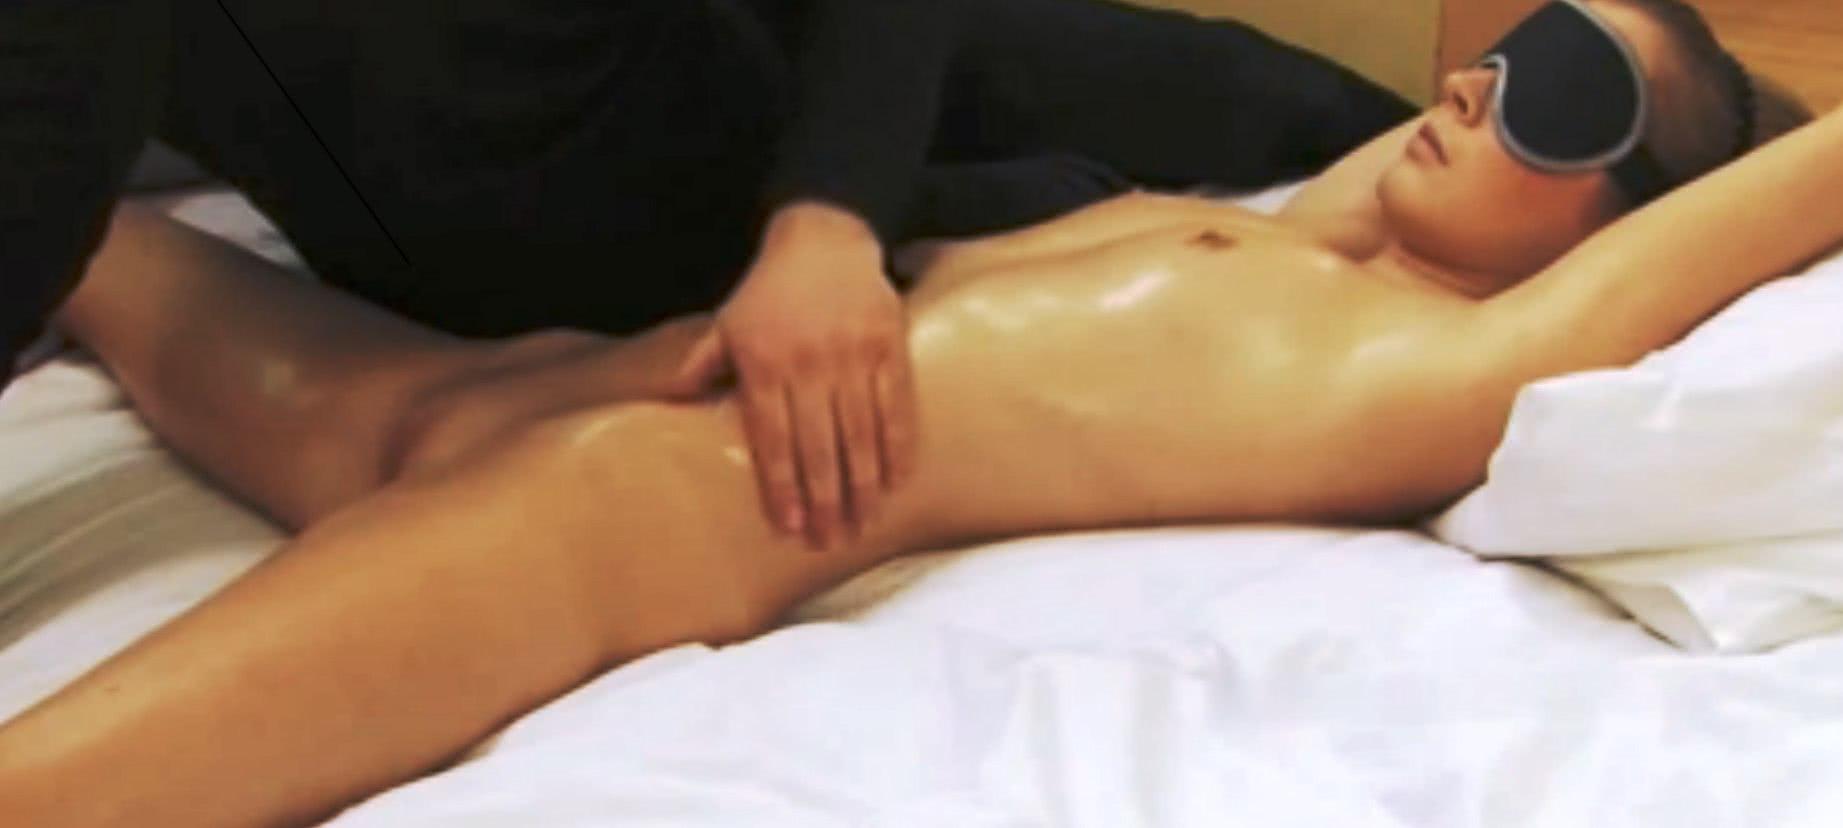 Эротический массаж для супруги (жены) в Одессе